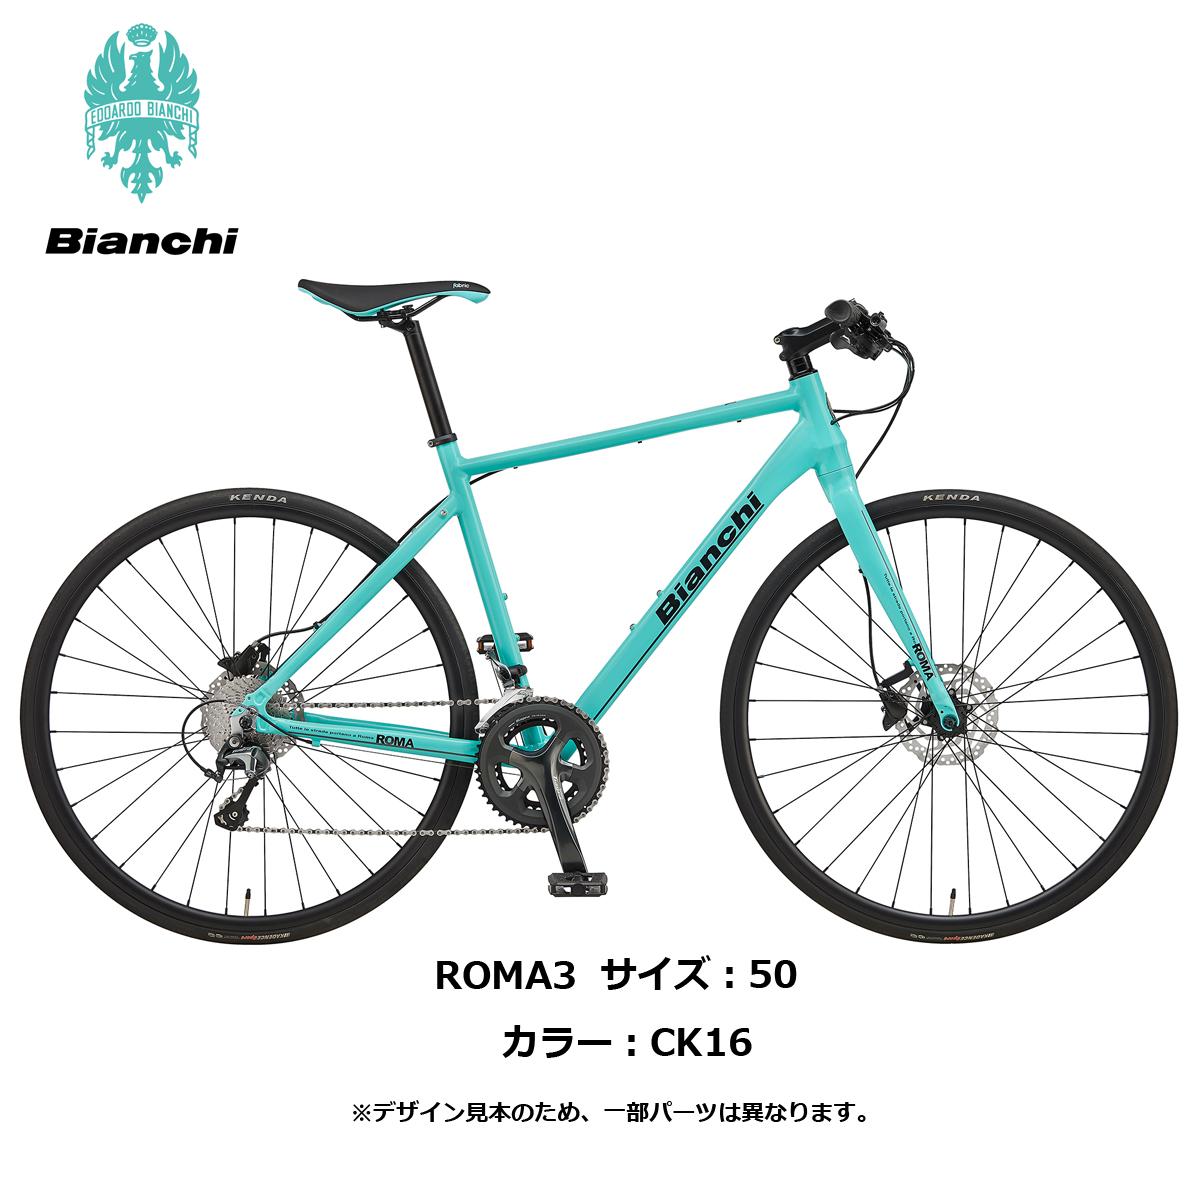 【2020年モデル】BIANCHI(ビアンキ) ROMA3 DISC カラー:CK16 サイズ:50【プロの整備士による整備組付済】クロスバイク【今出川店別館】